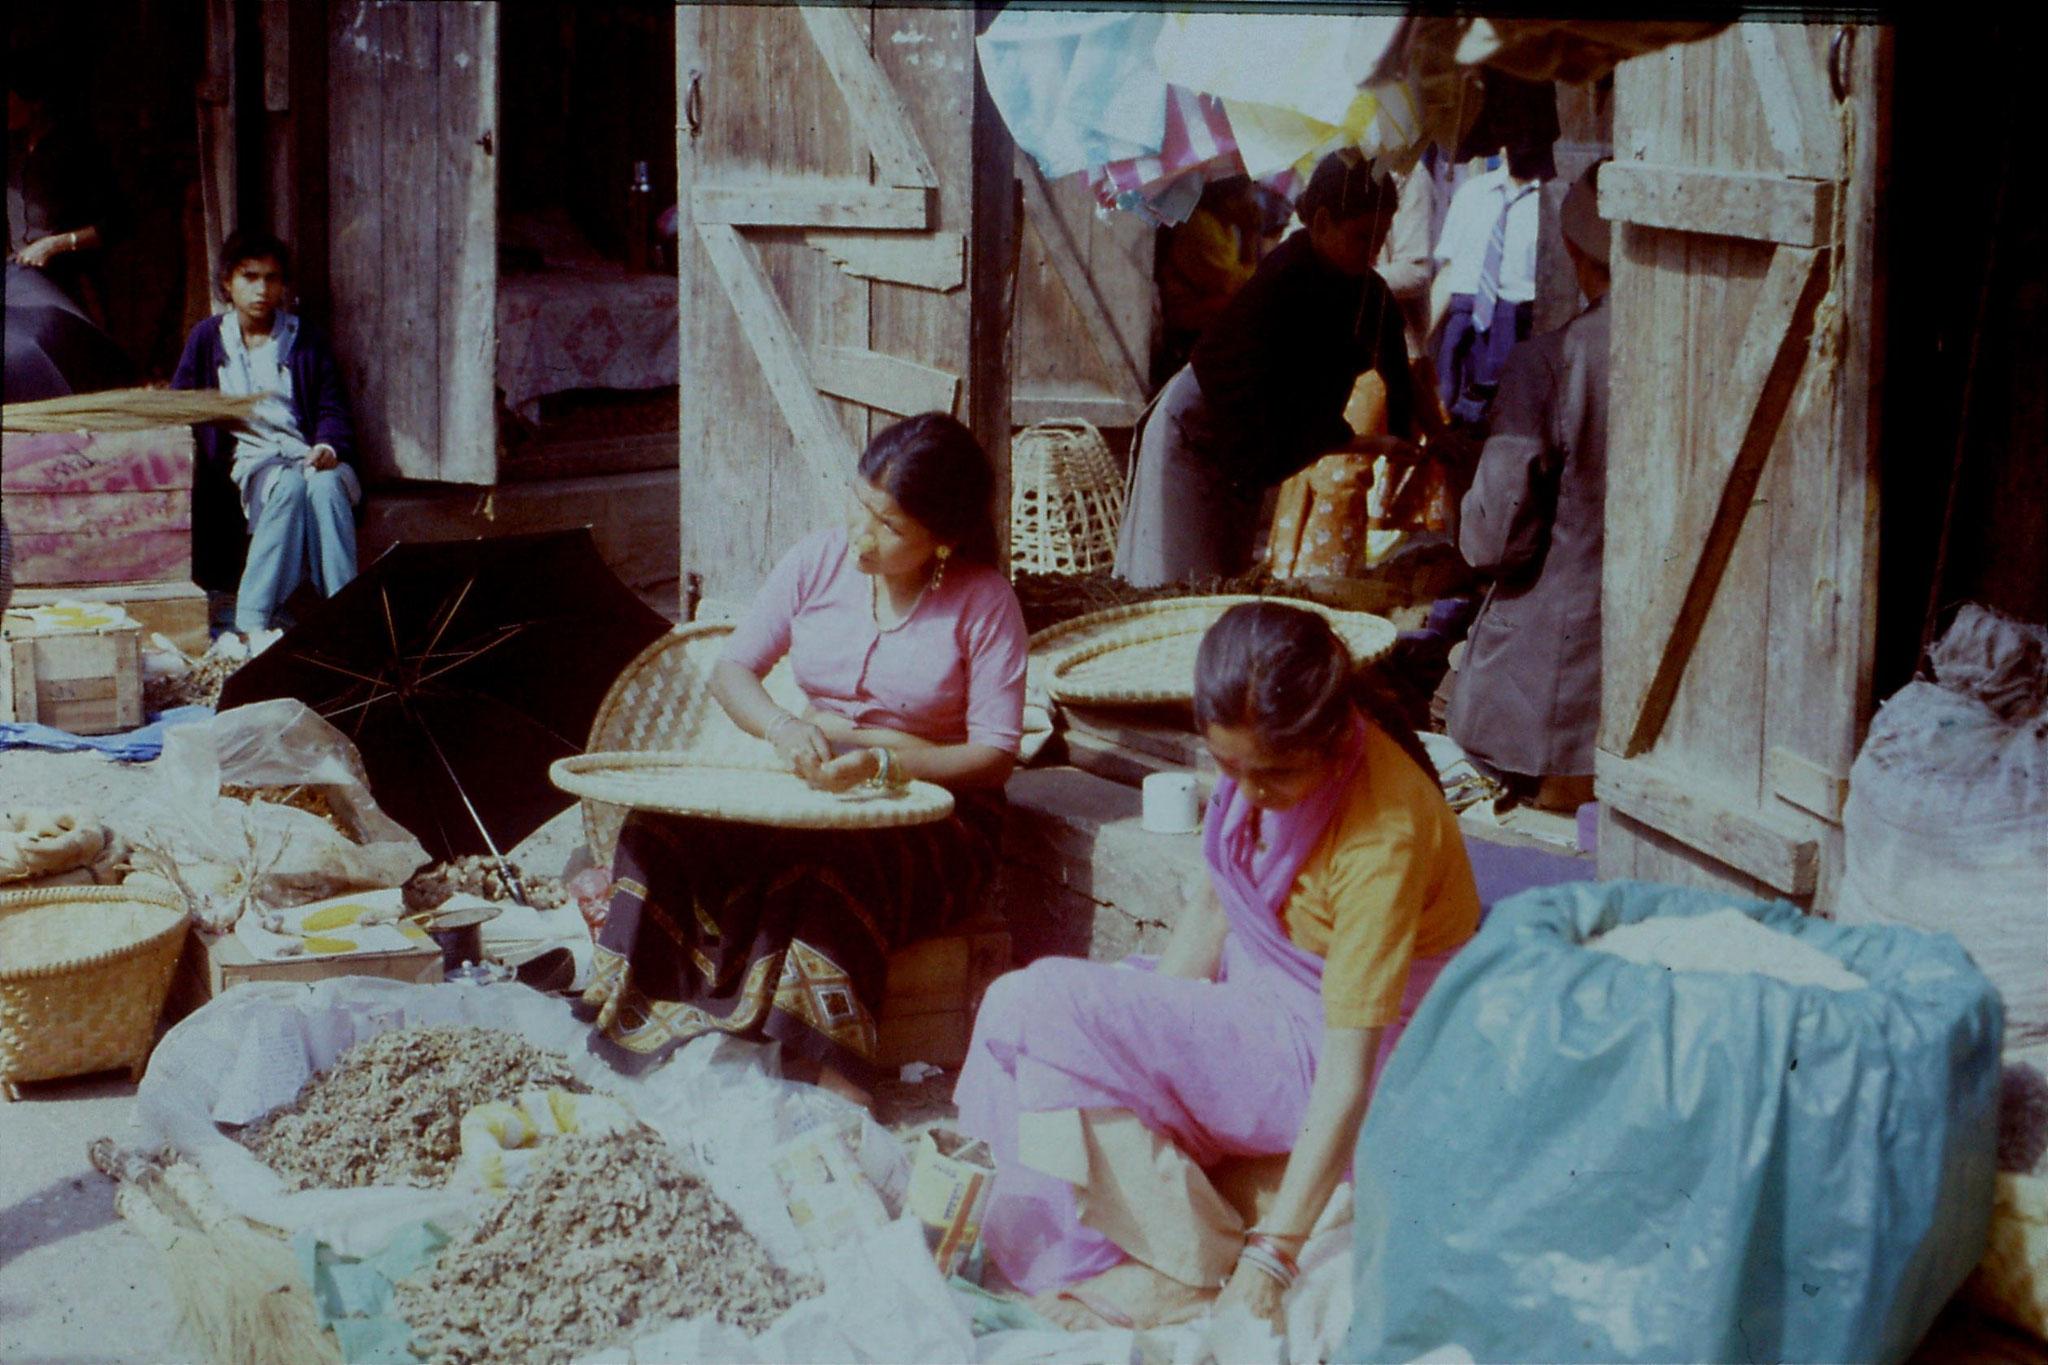 115/3: 22/4/1990 Gangtok - Lal Market